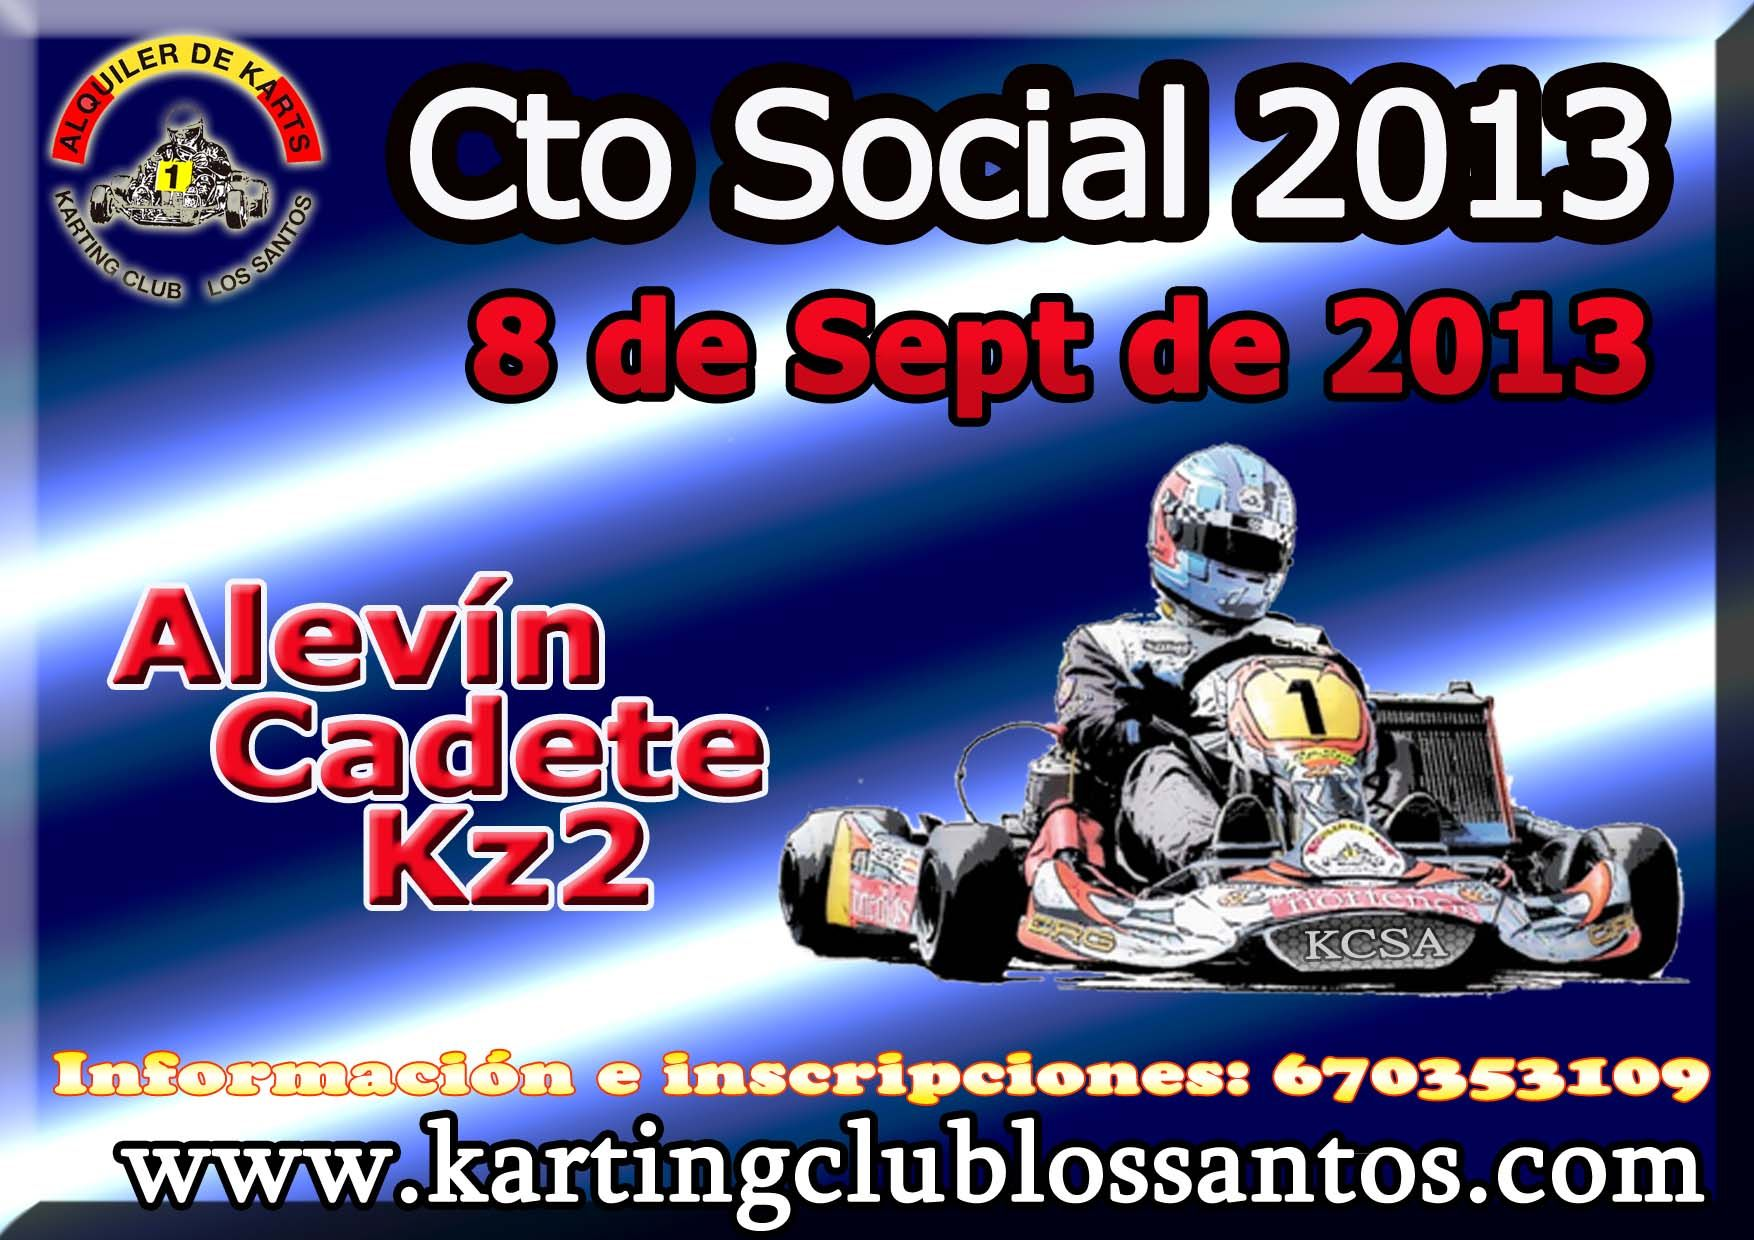 El próximo 8 de Septiembre tendrá lugar la 4º prueba del Campeonato Social del Karting Club Los Santos. ¡¡¡ Os ESPERAMOS!!!